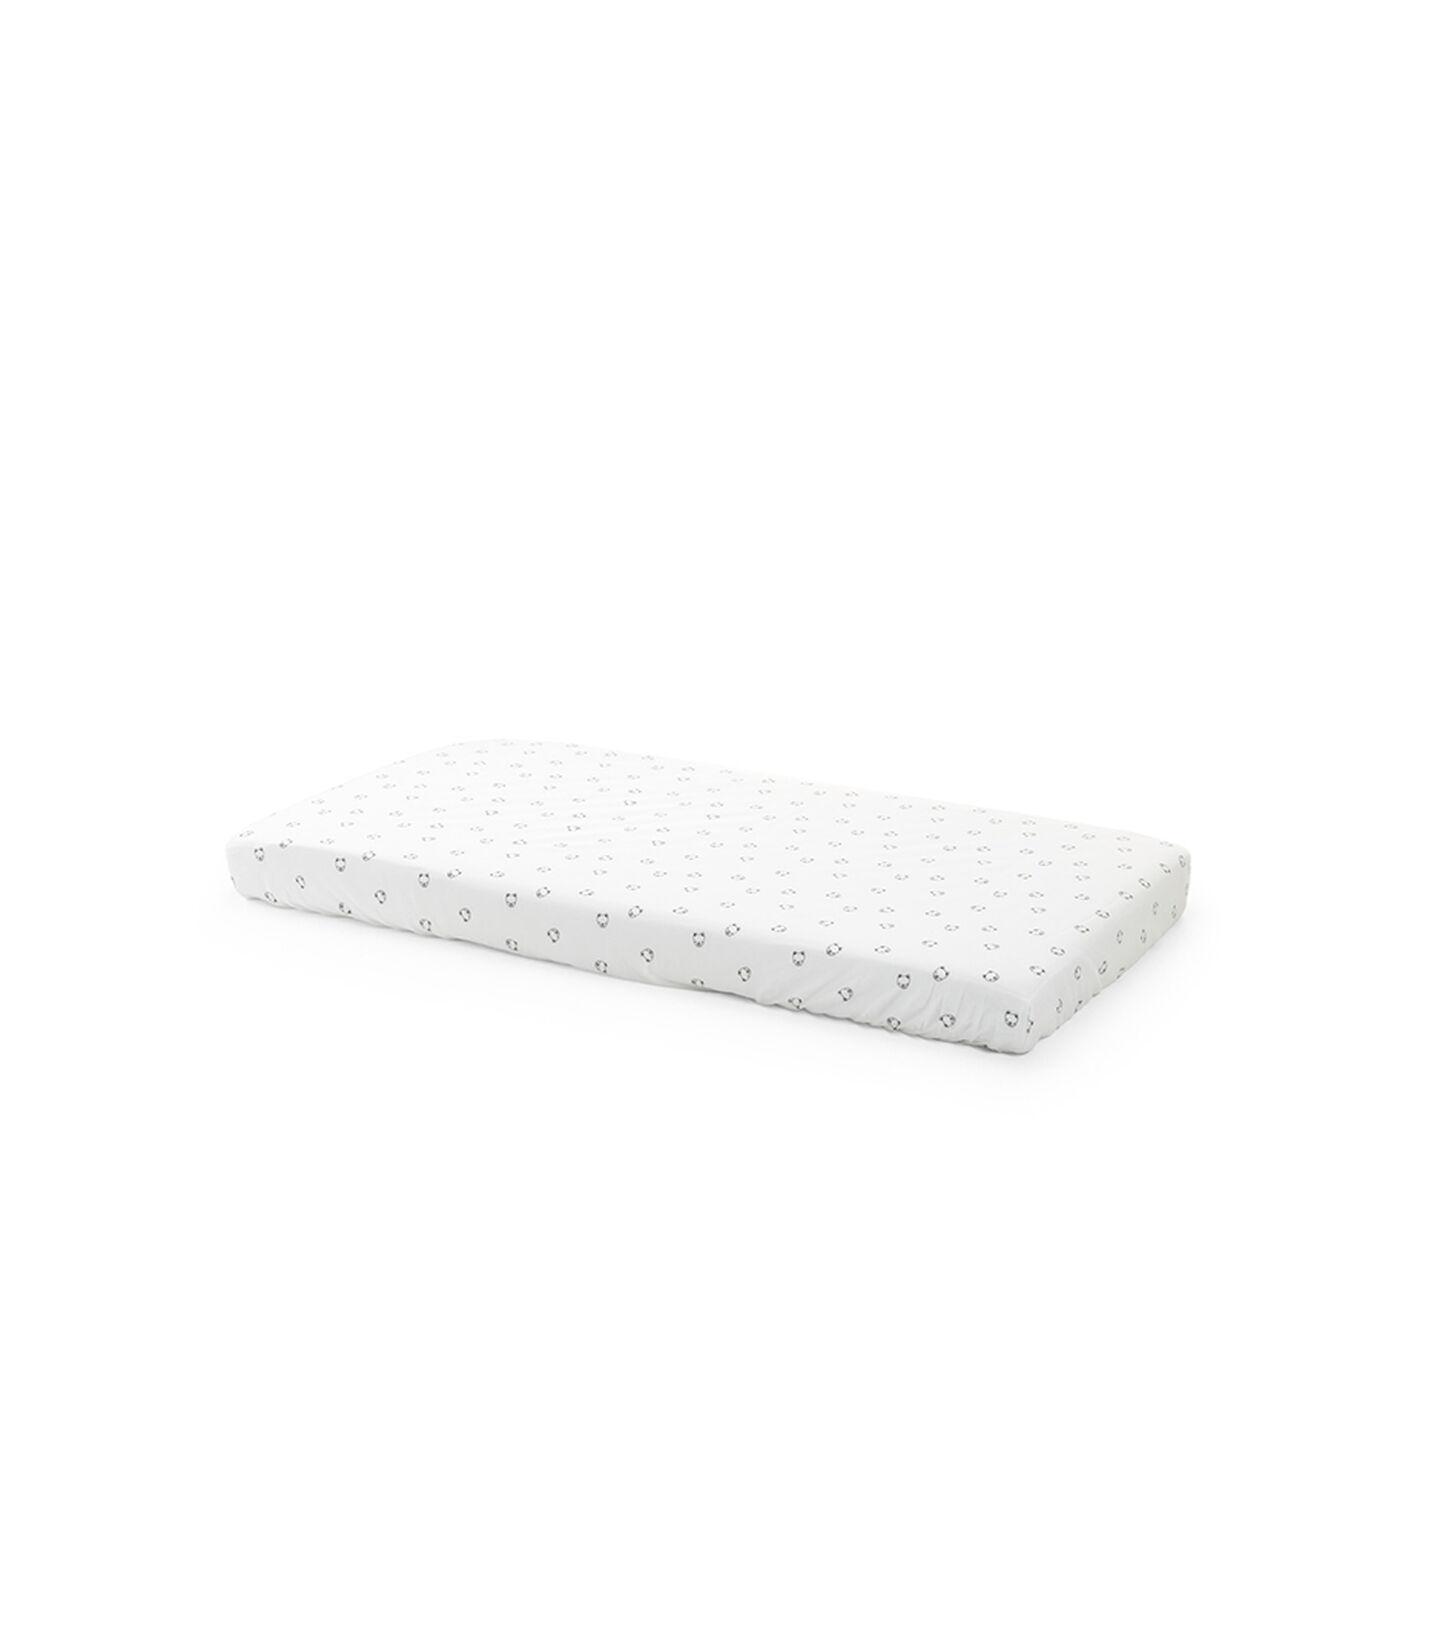 Stokke® Home™ Bed Spannbettlaken, 2-teilig - Monochrome Bear, Monochrome Bear, mainview view 1